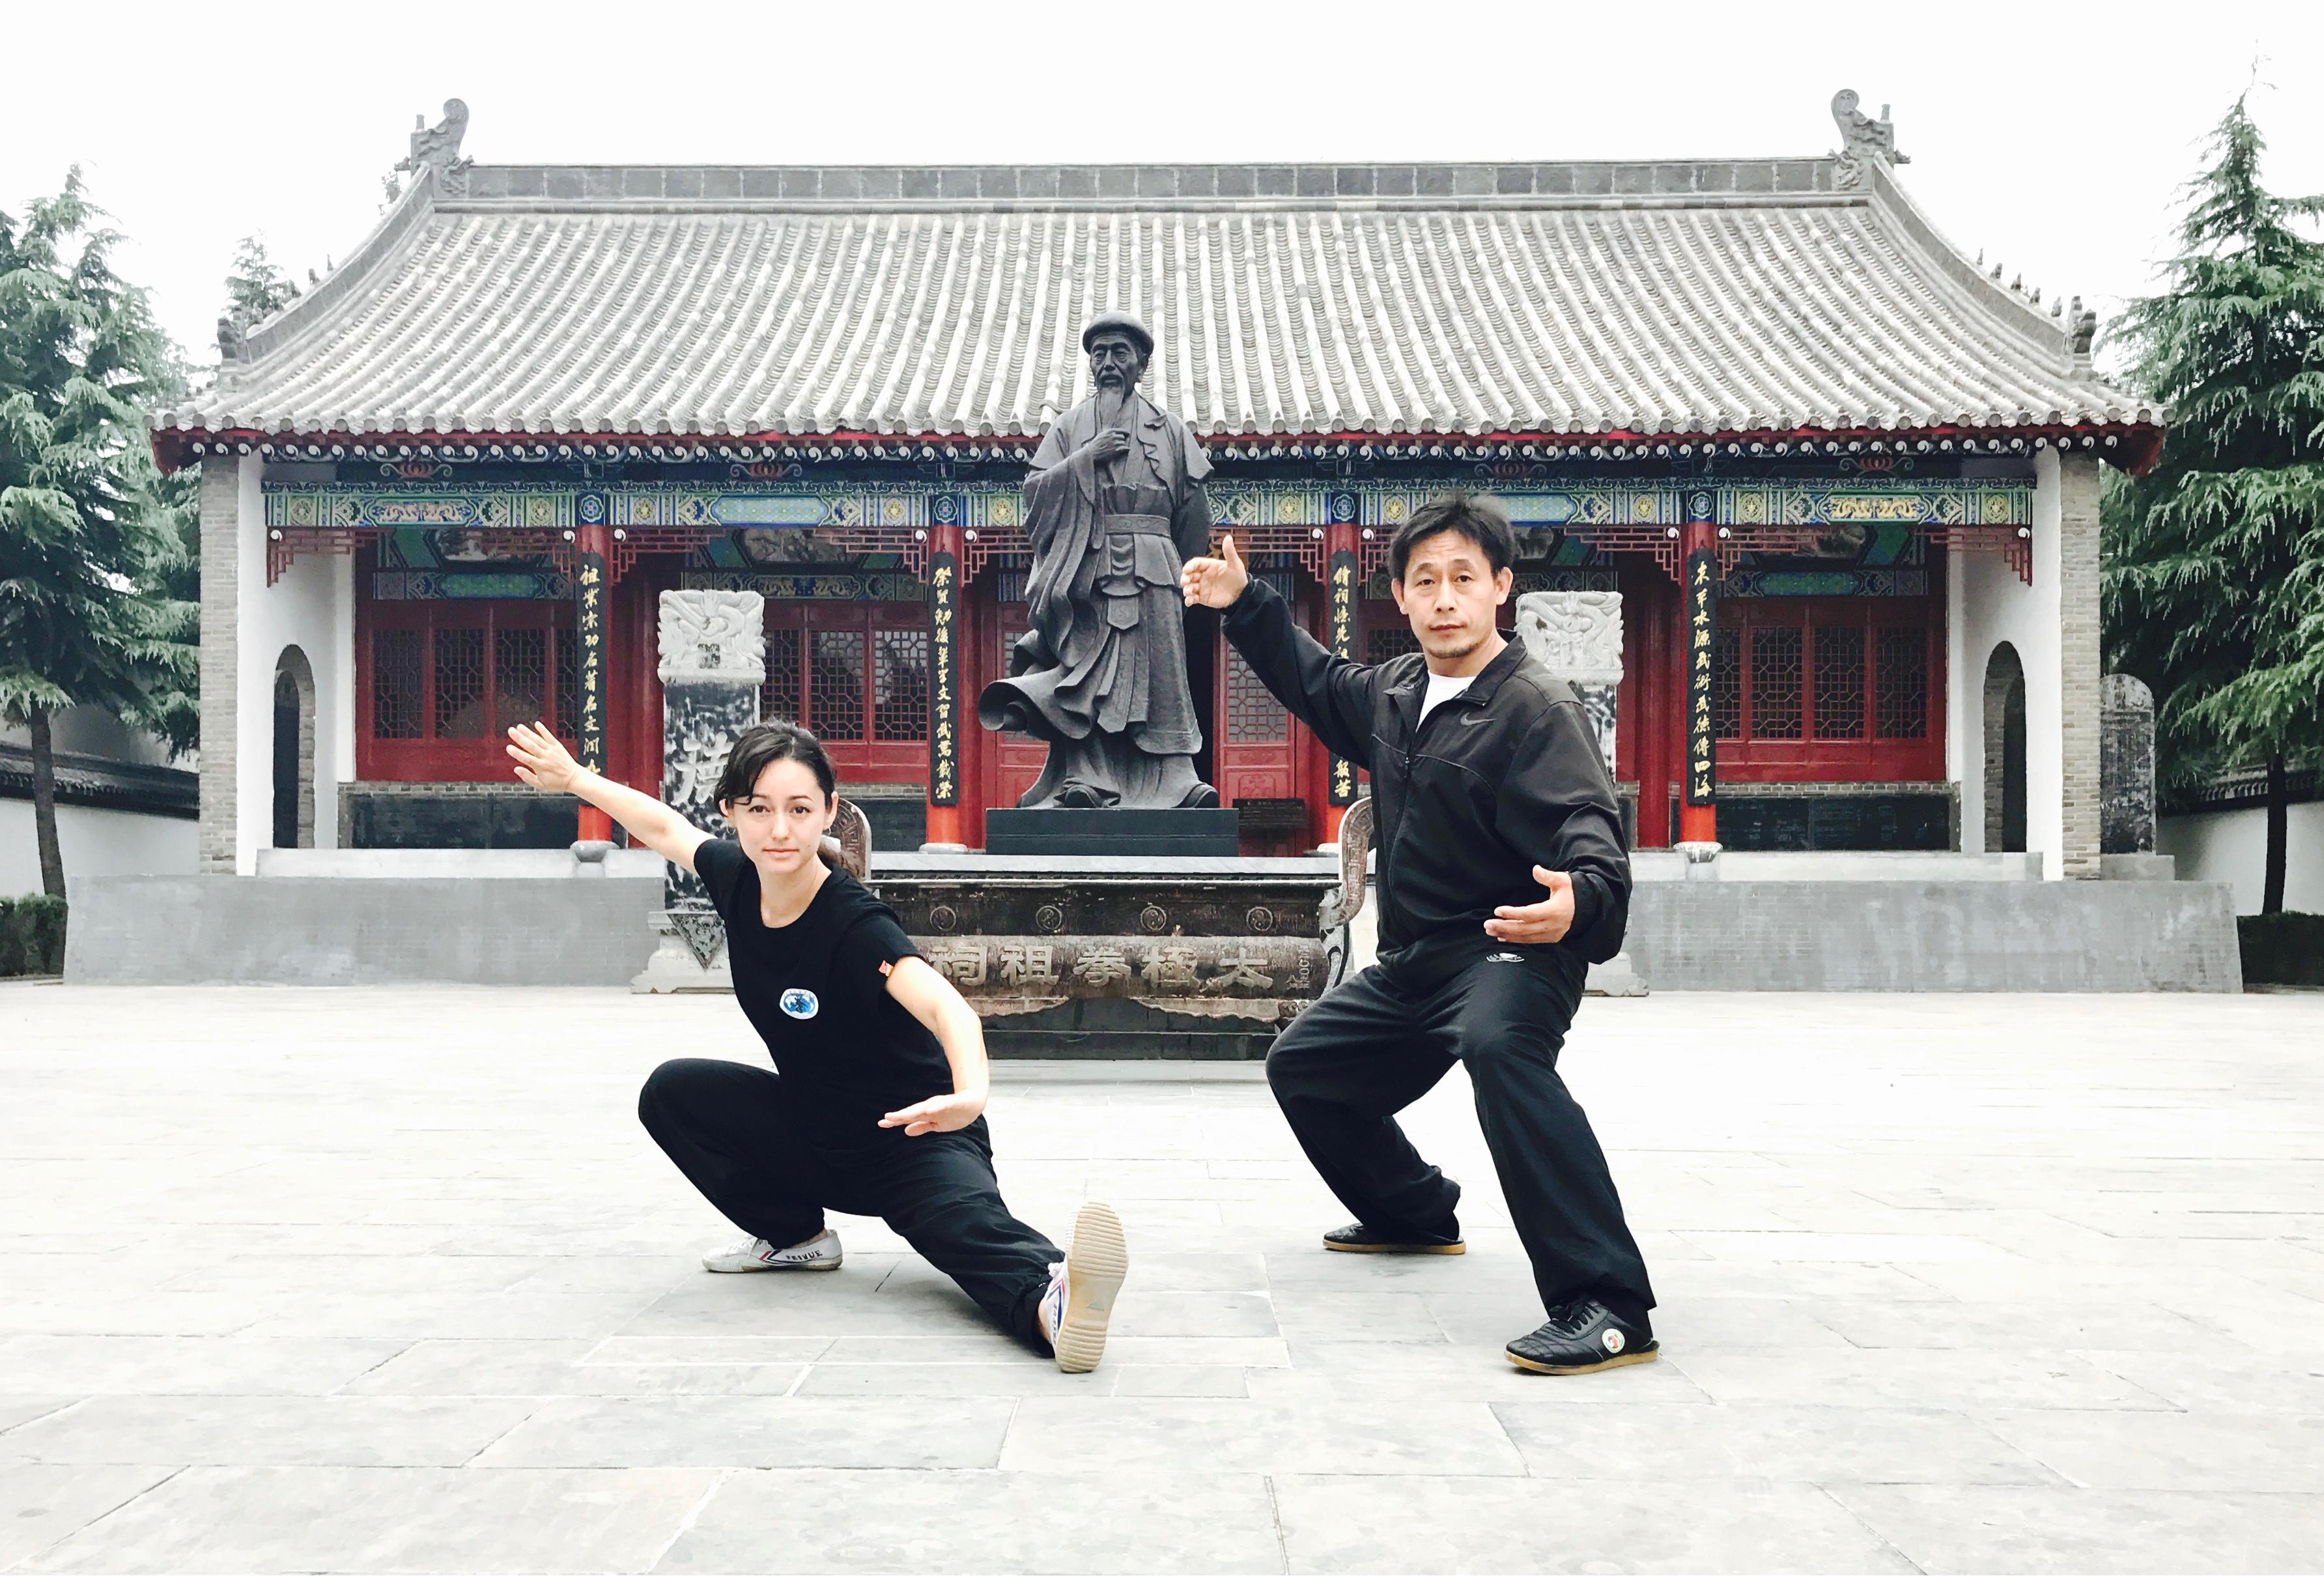 Alicia McGrann and Chen Ziqiang in Chenjiagou